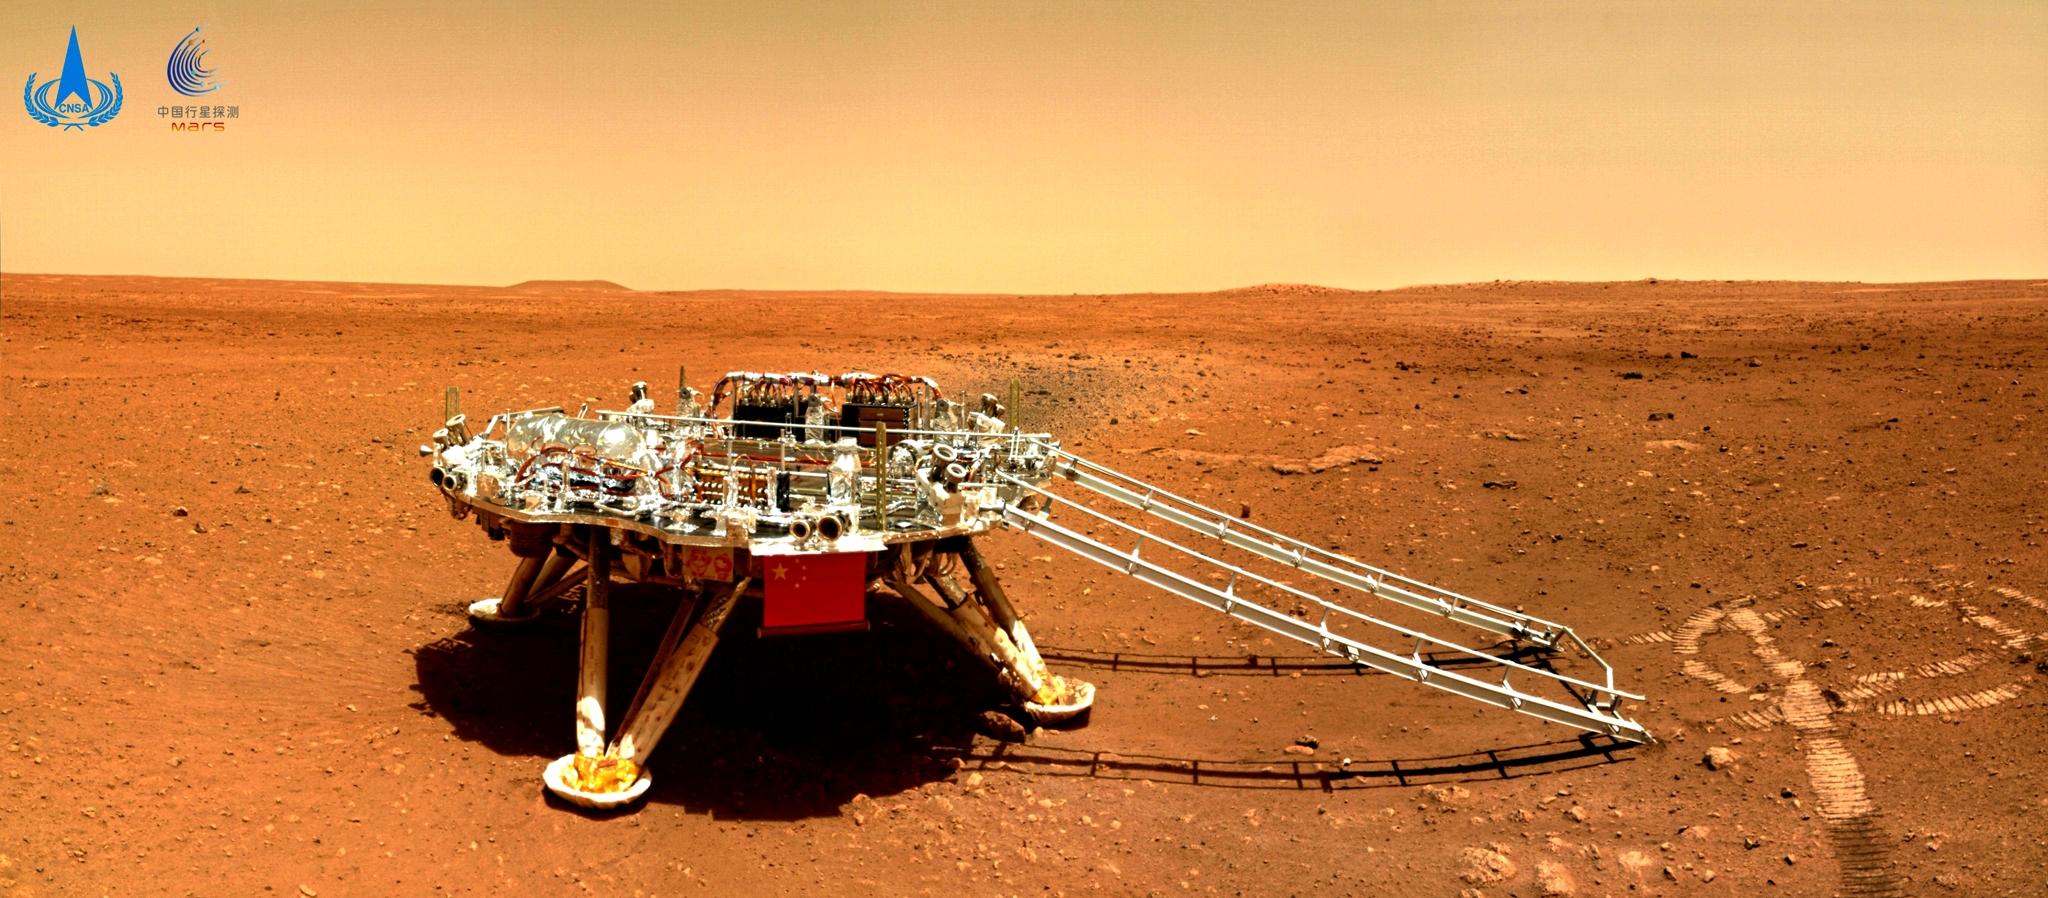 Китай пошёл своим путём. Своё ПО, которое позволило достичь грандиозных успехов и Марса с Луной